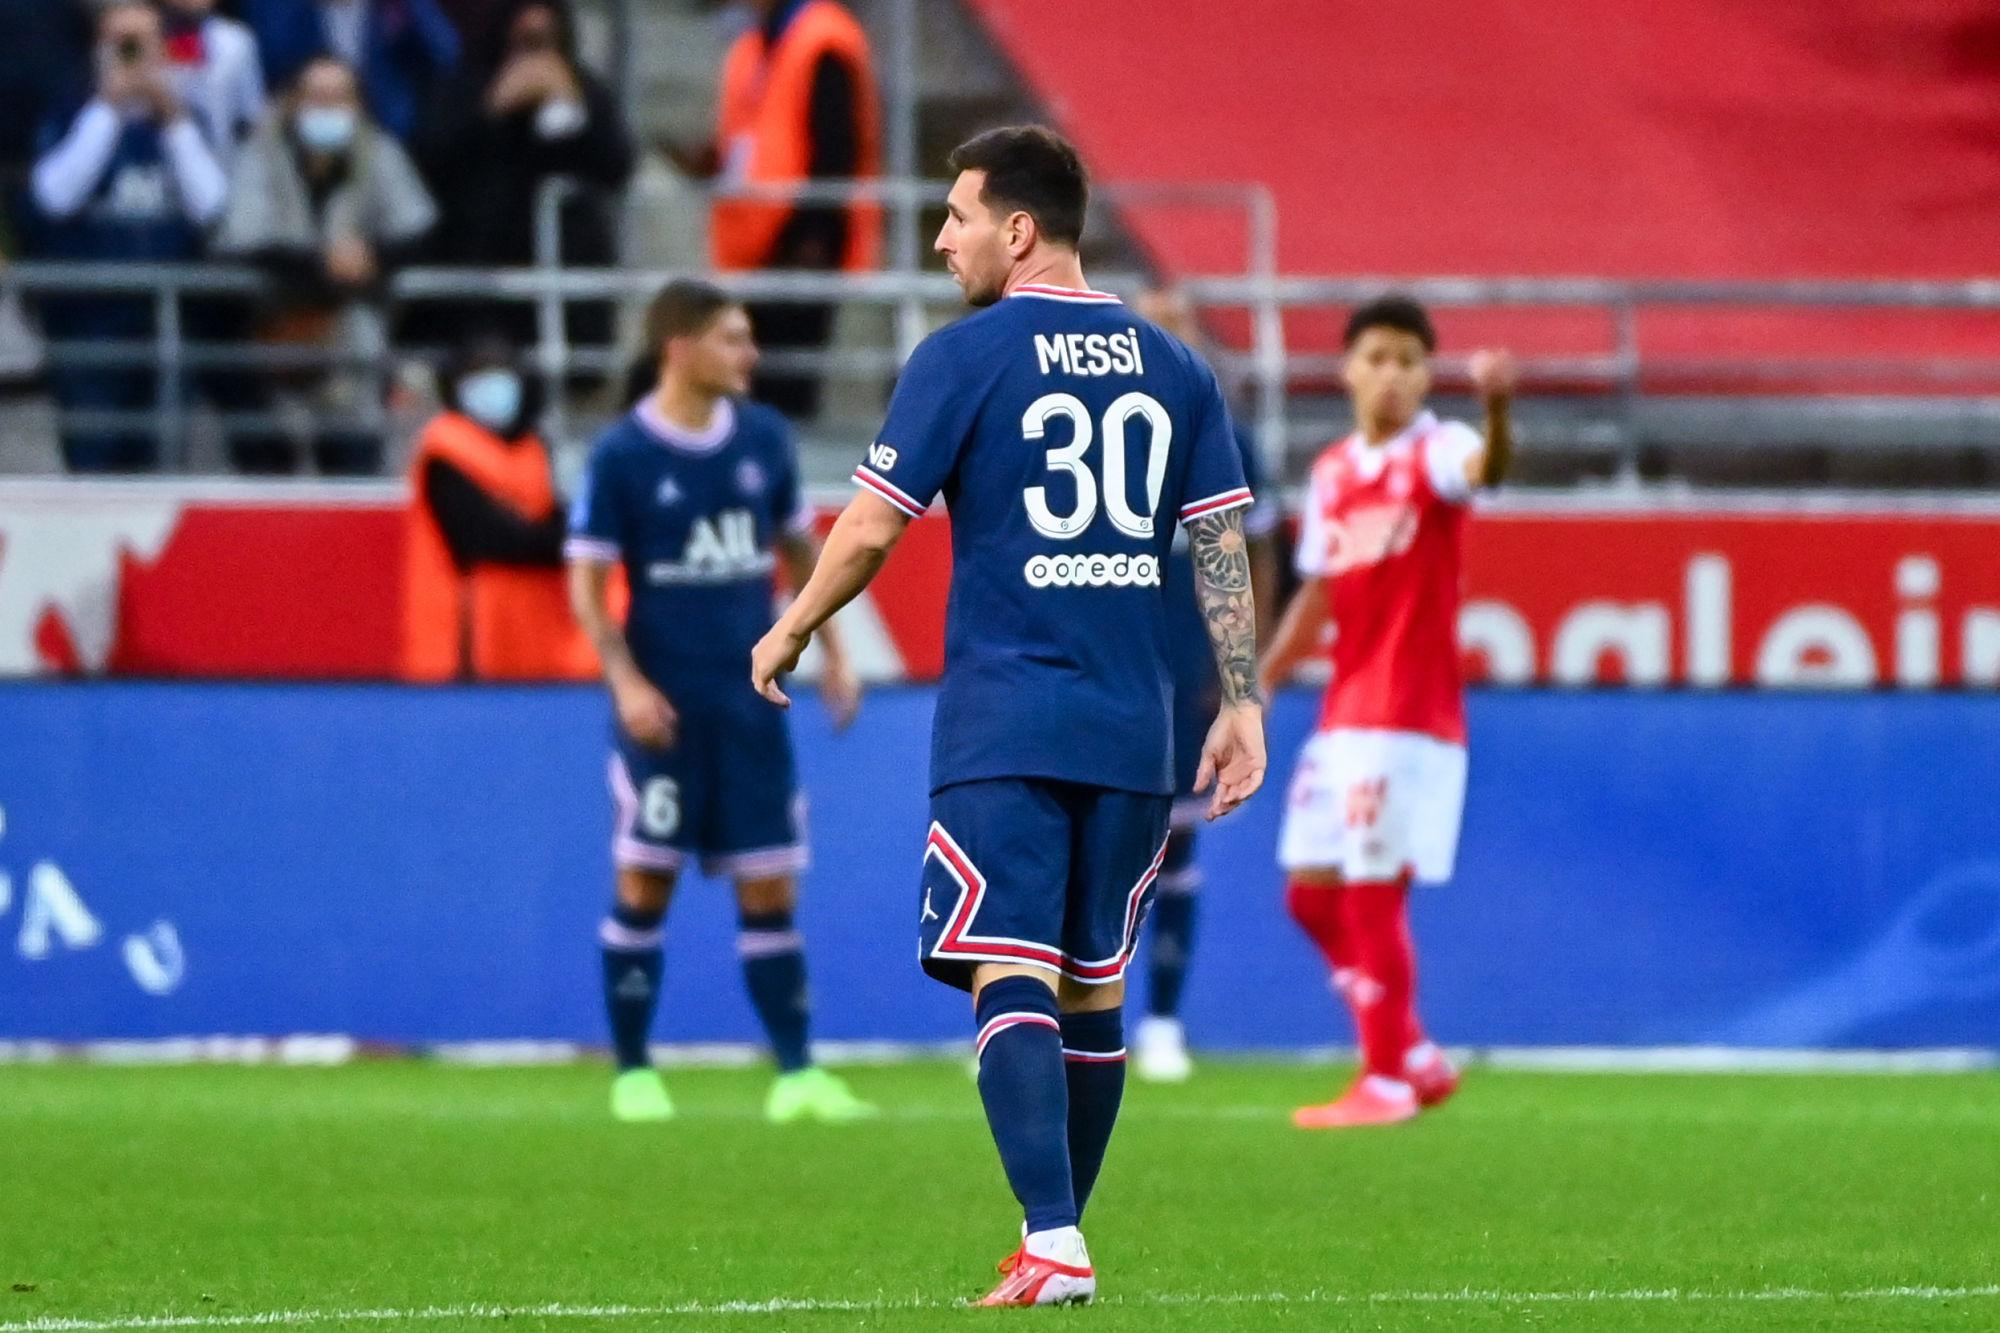 Hilton regrette de ne pas l'affronter et souligne «Personne n'imaginait voir Messi en Ligue 1»